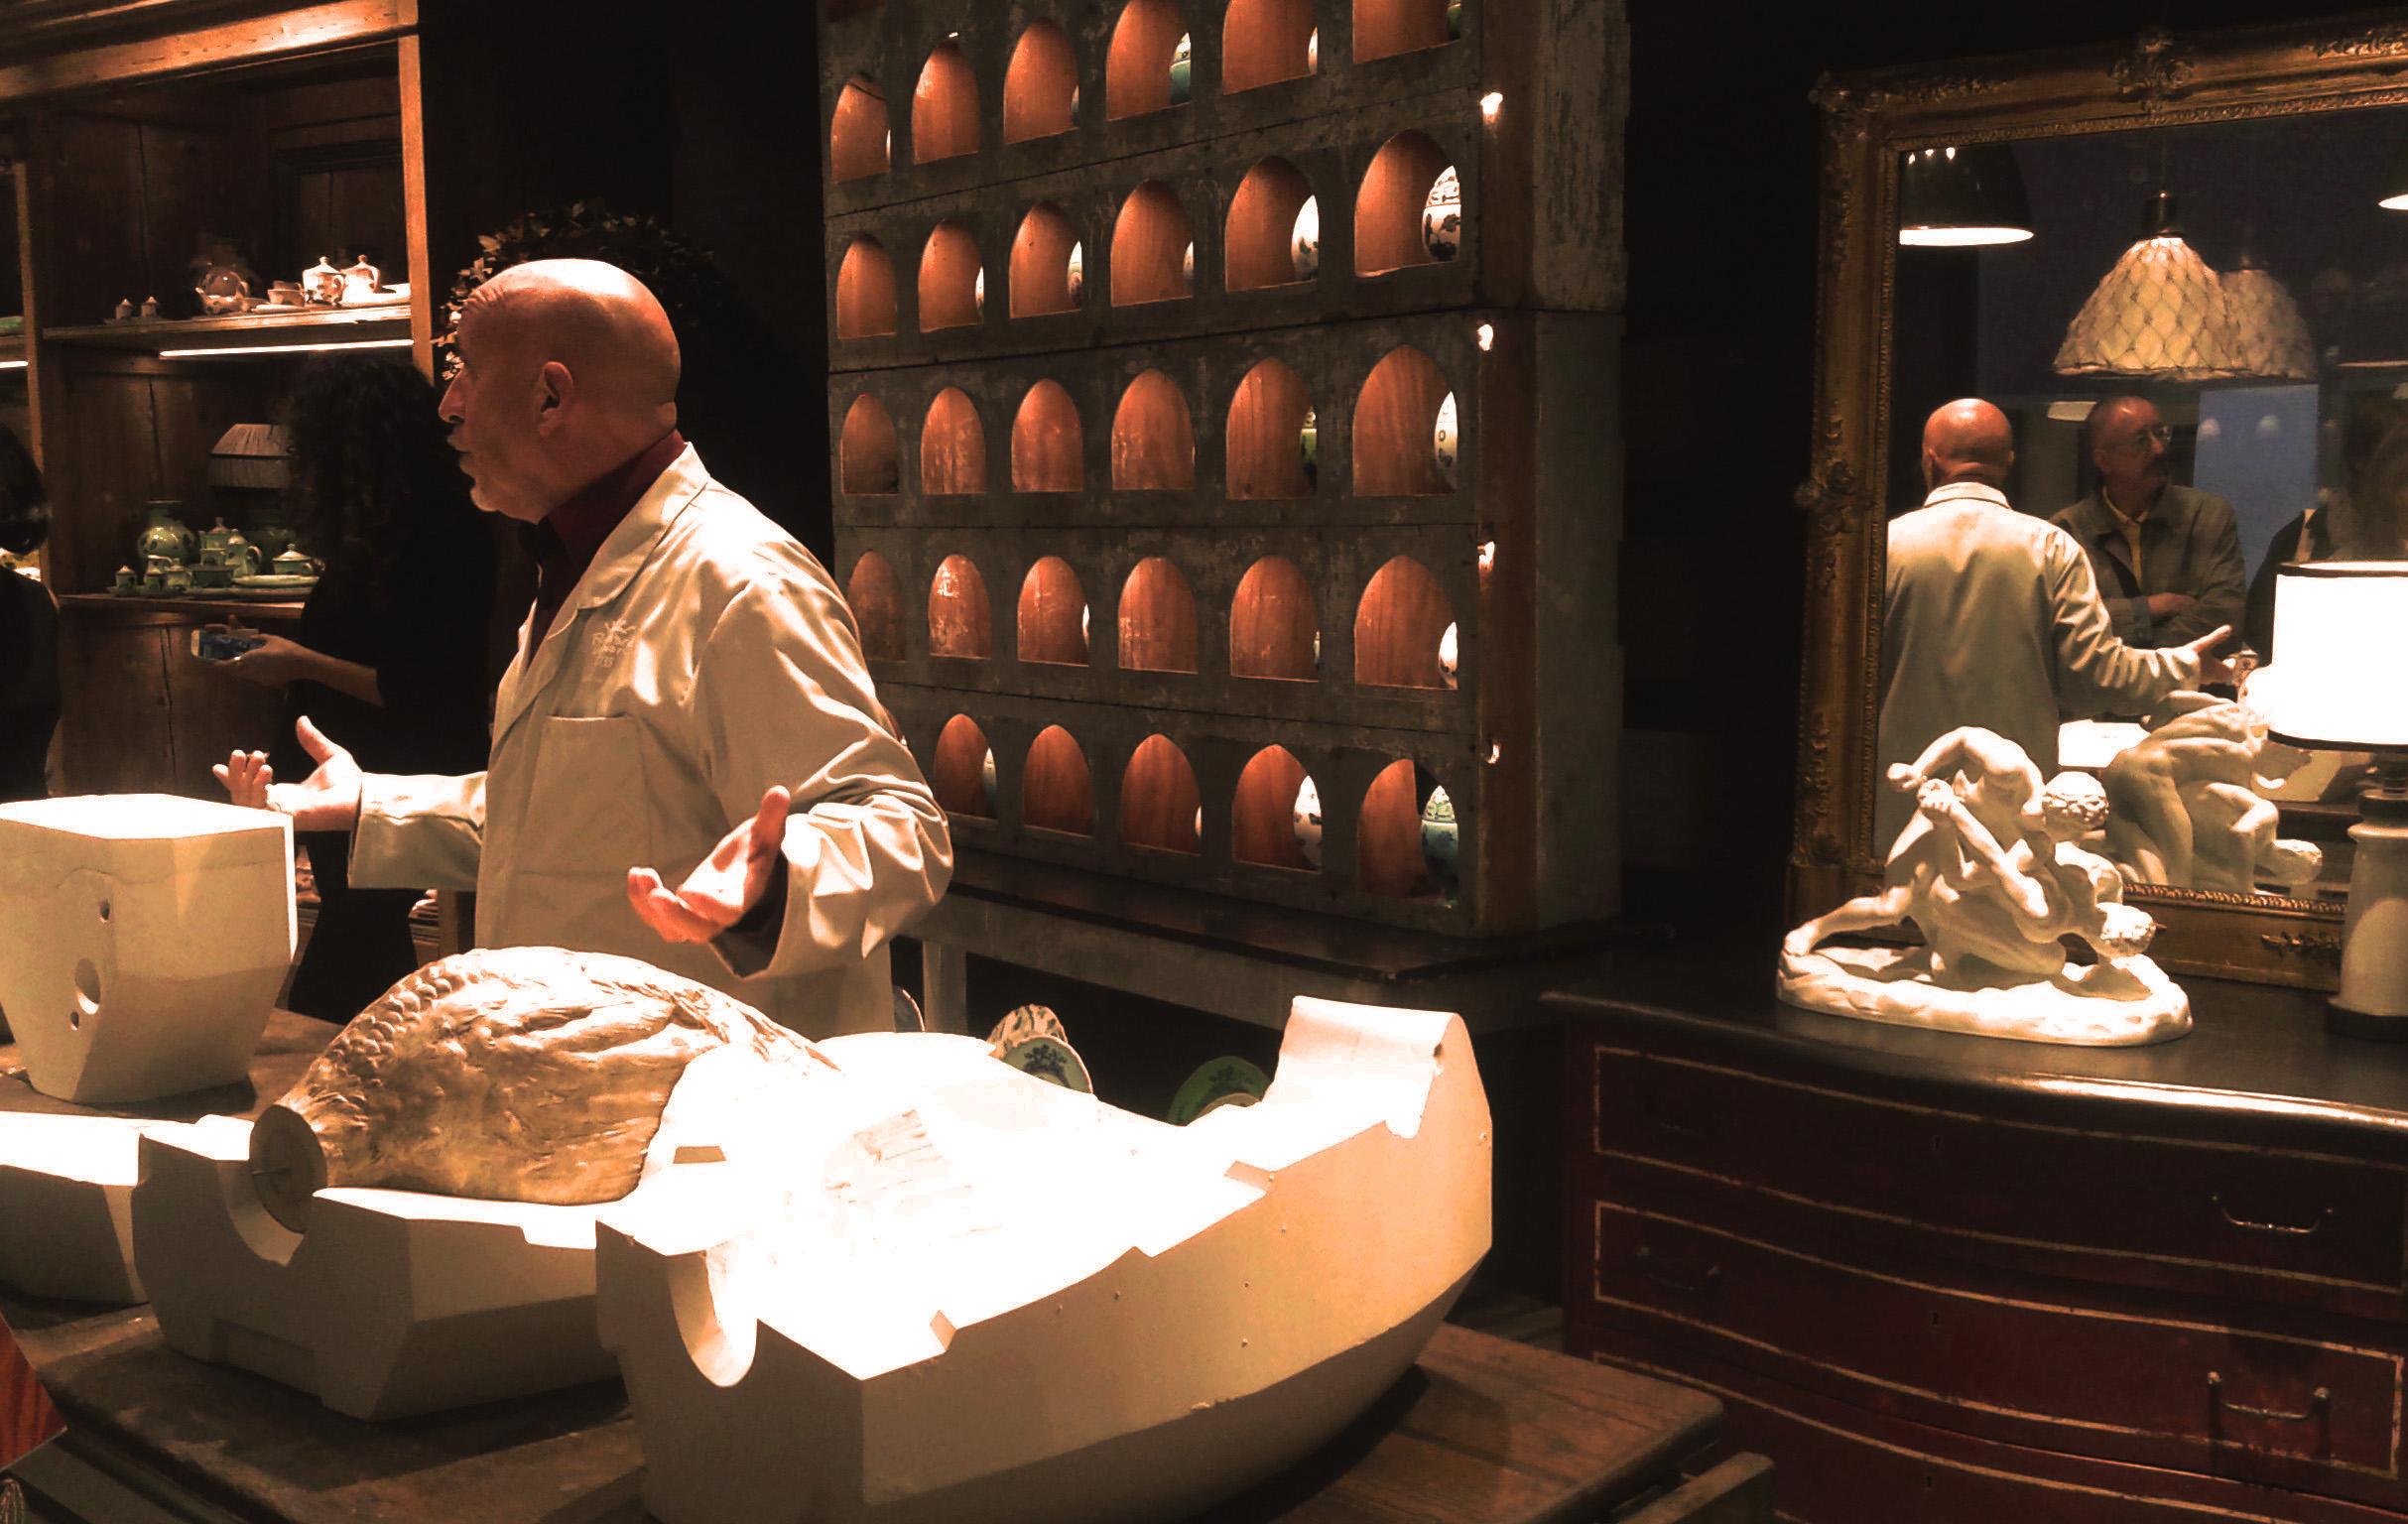 I segreti dei calchi- per la realizzazione di un vaso in ceramica ptrddo lo showroom Richard Ginori